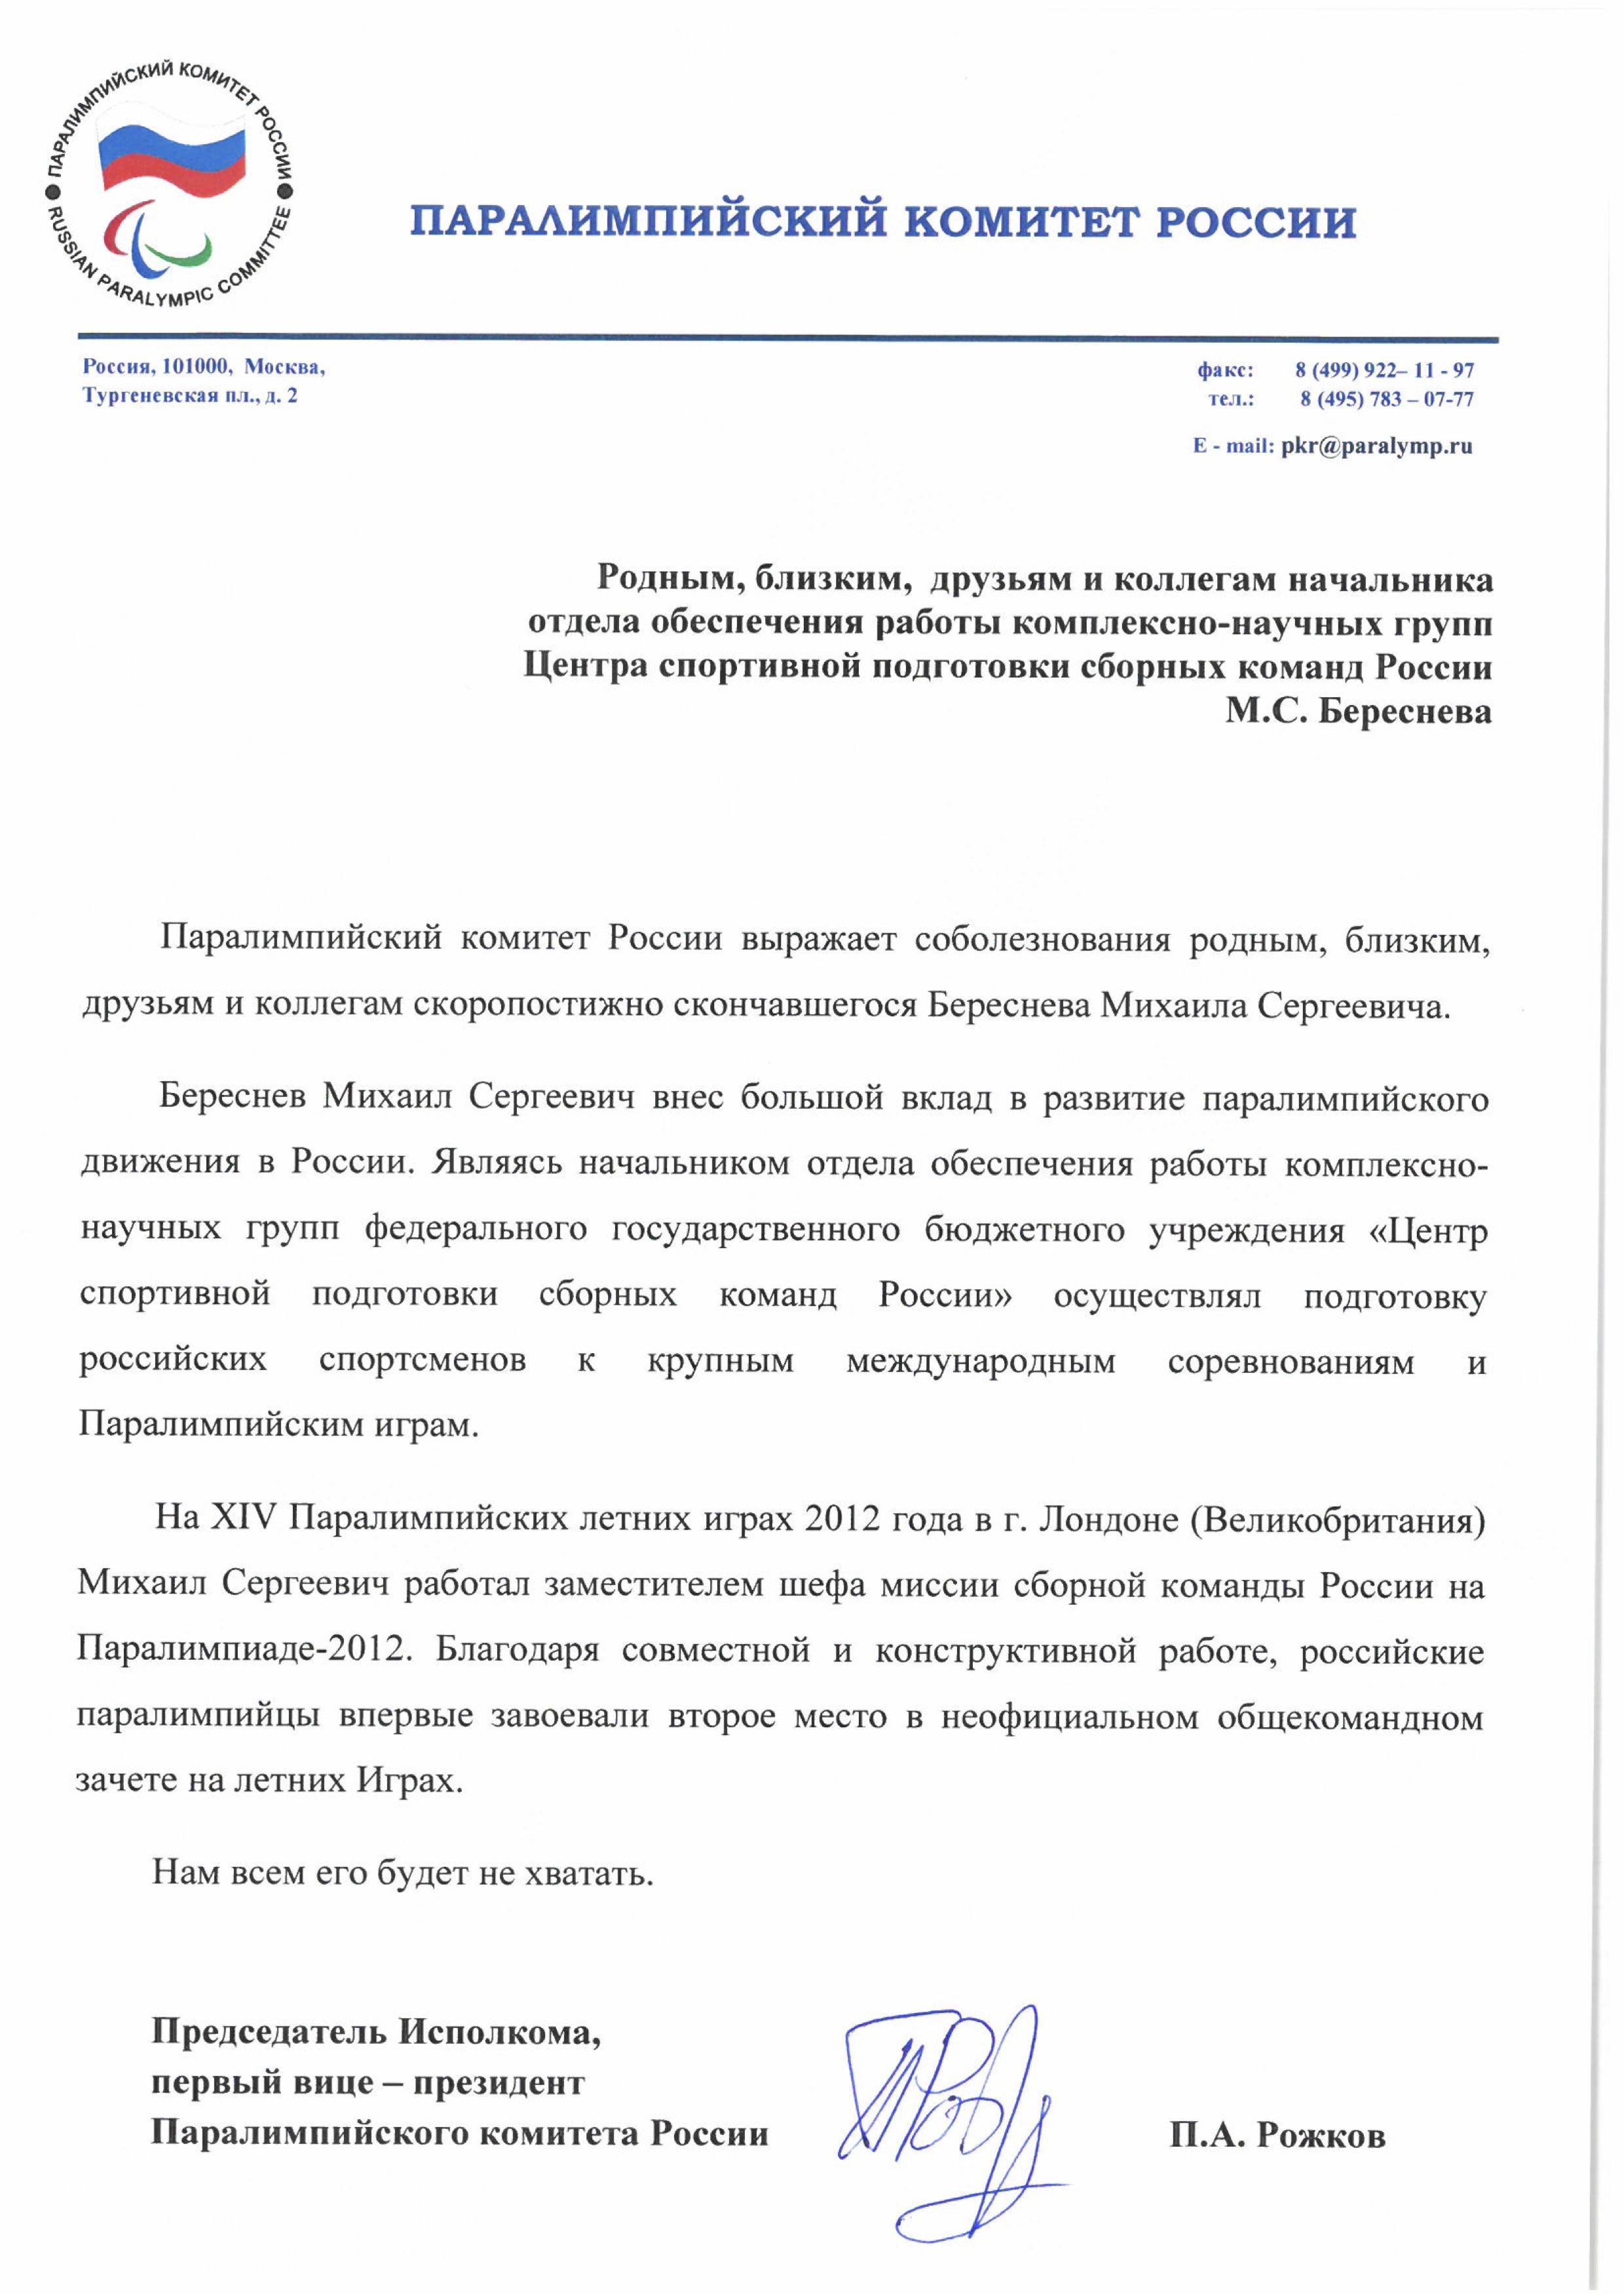 ПКР выражает соболезнования родным, близким, друзьям и коллегам скоропостижно скончавшегося М.С. Береснева